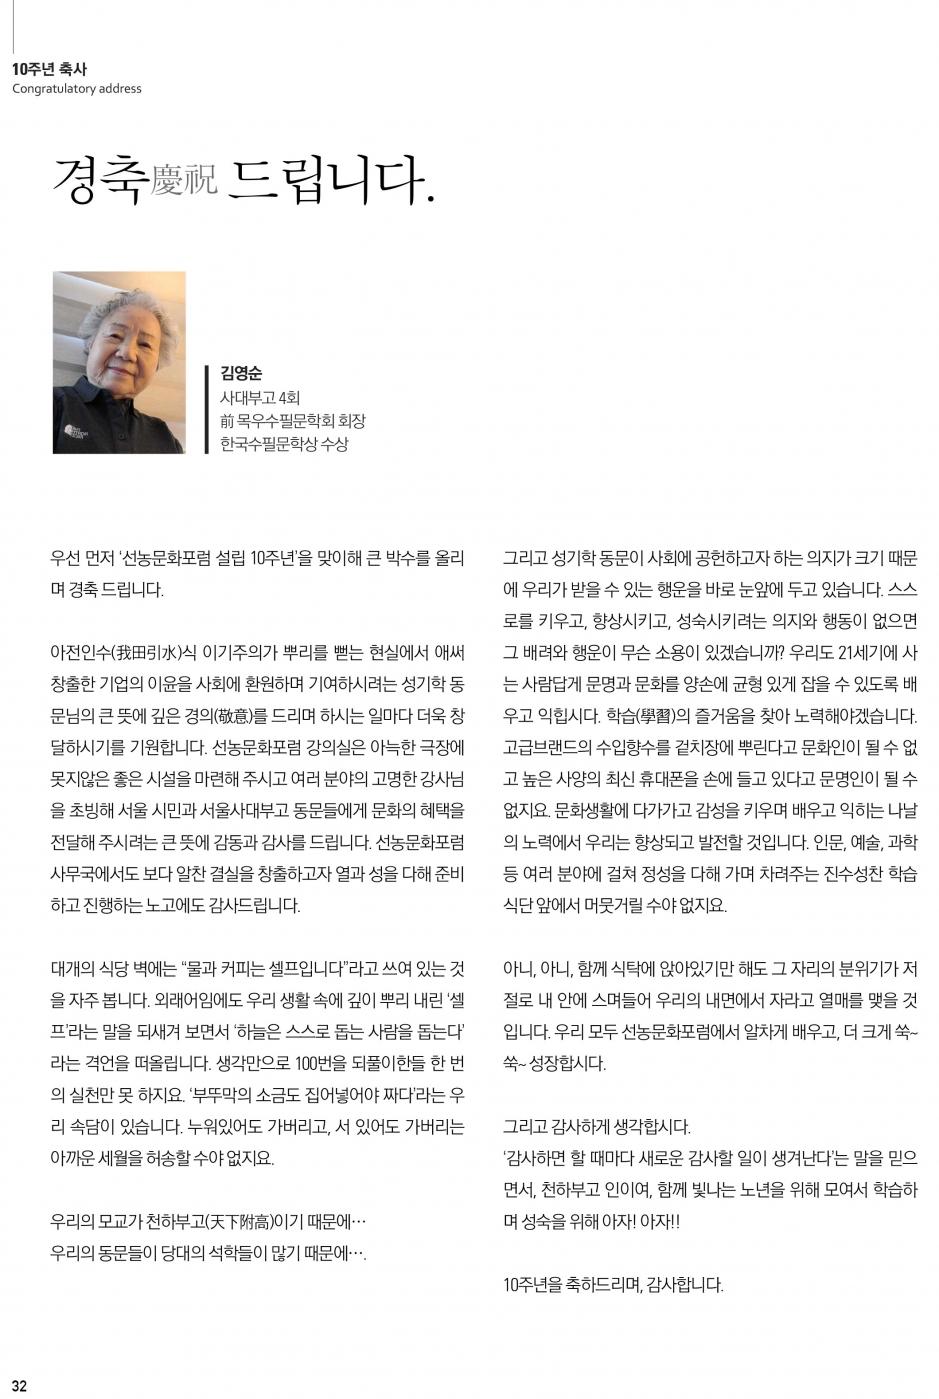 선농문화포럼_낱장-32.jpg